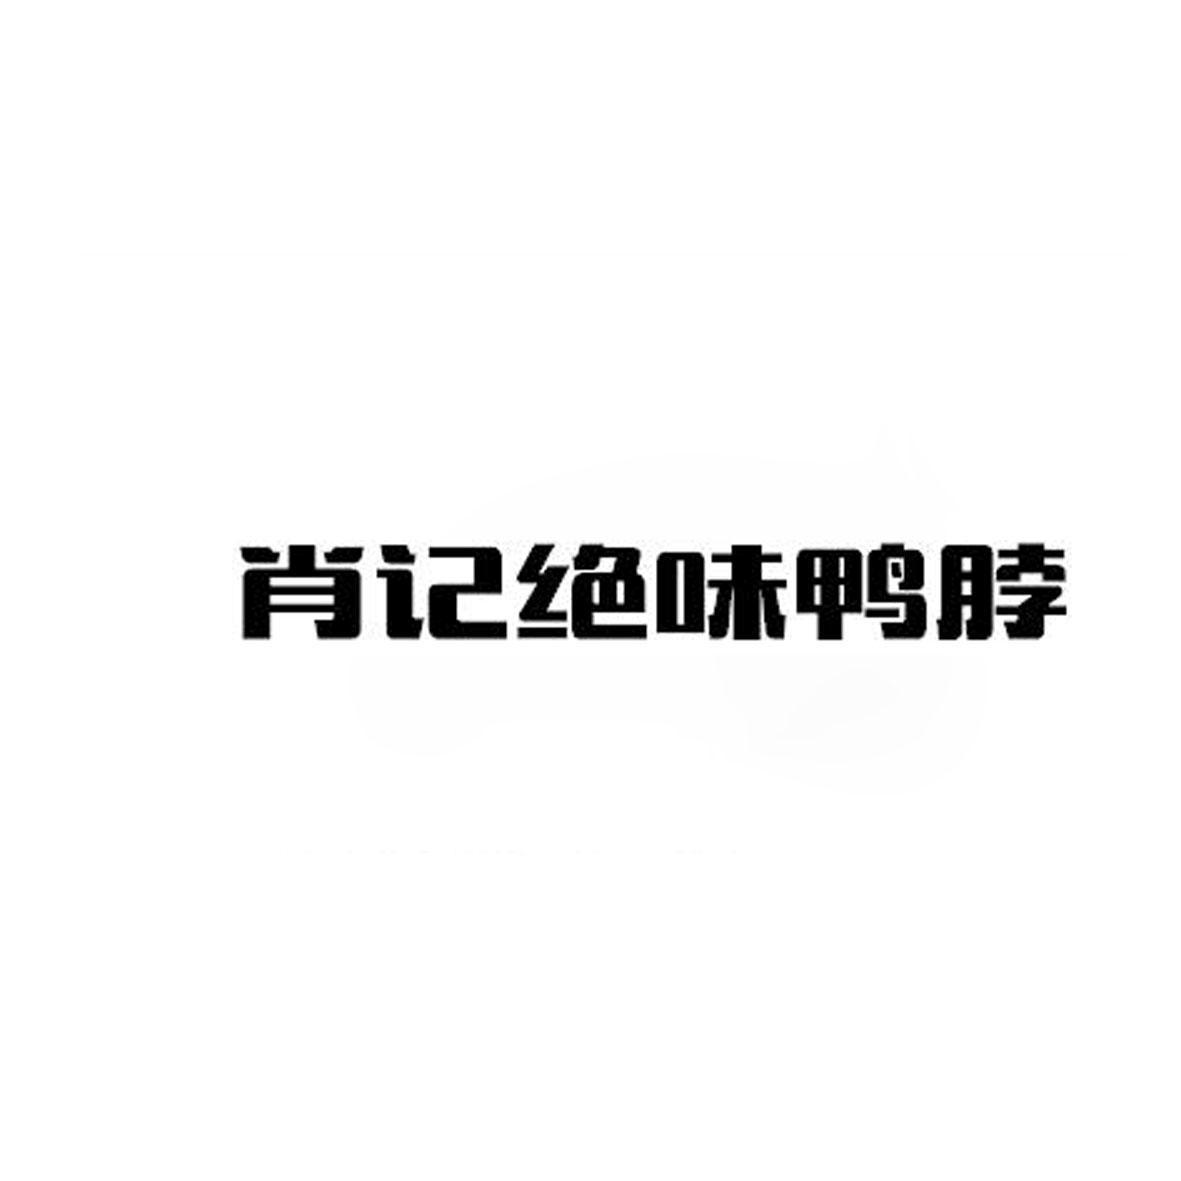 肖记萝卜街logo设计